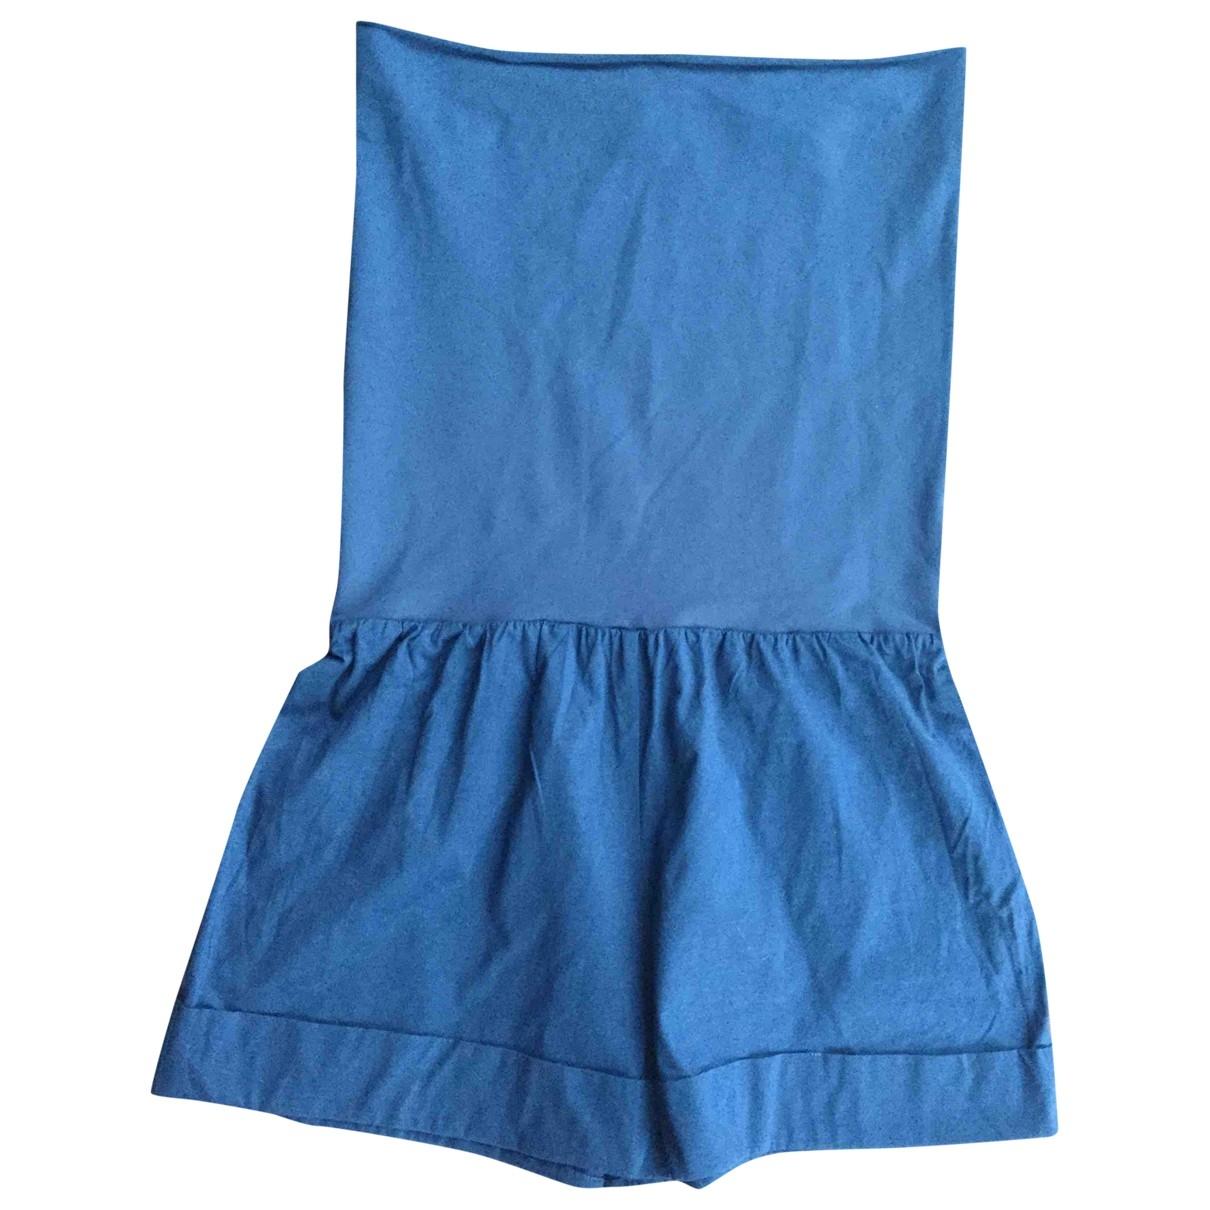 Bañadore en Algodon - elastano Azul Eres